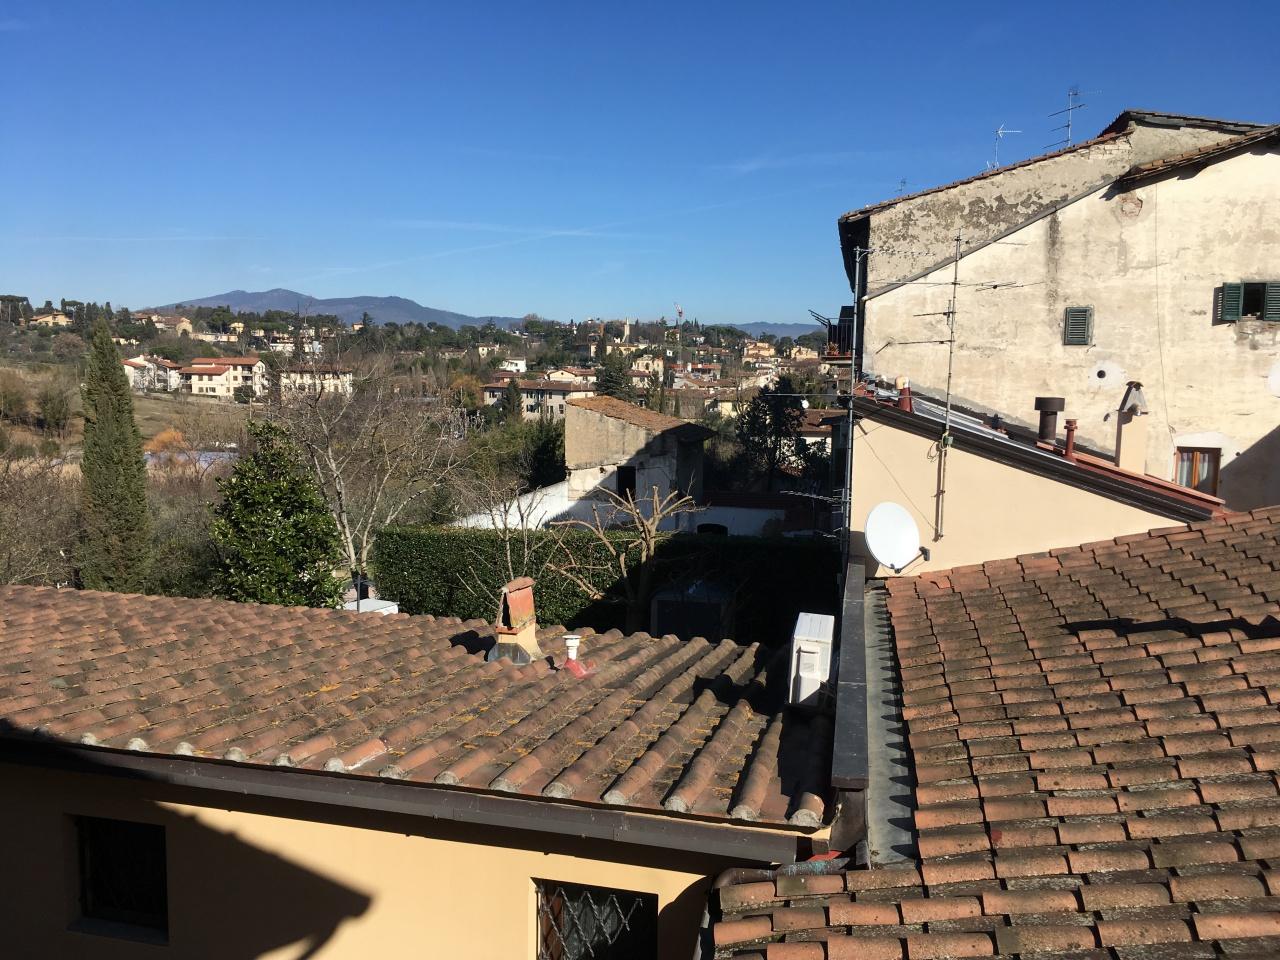 cerca  APPARTAMENTO INDIPENDENTE AFFITTO Firenze  - Galluzzo / Certosa